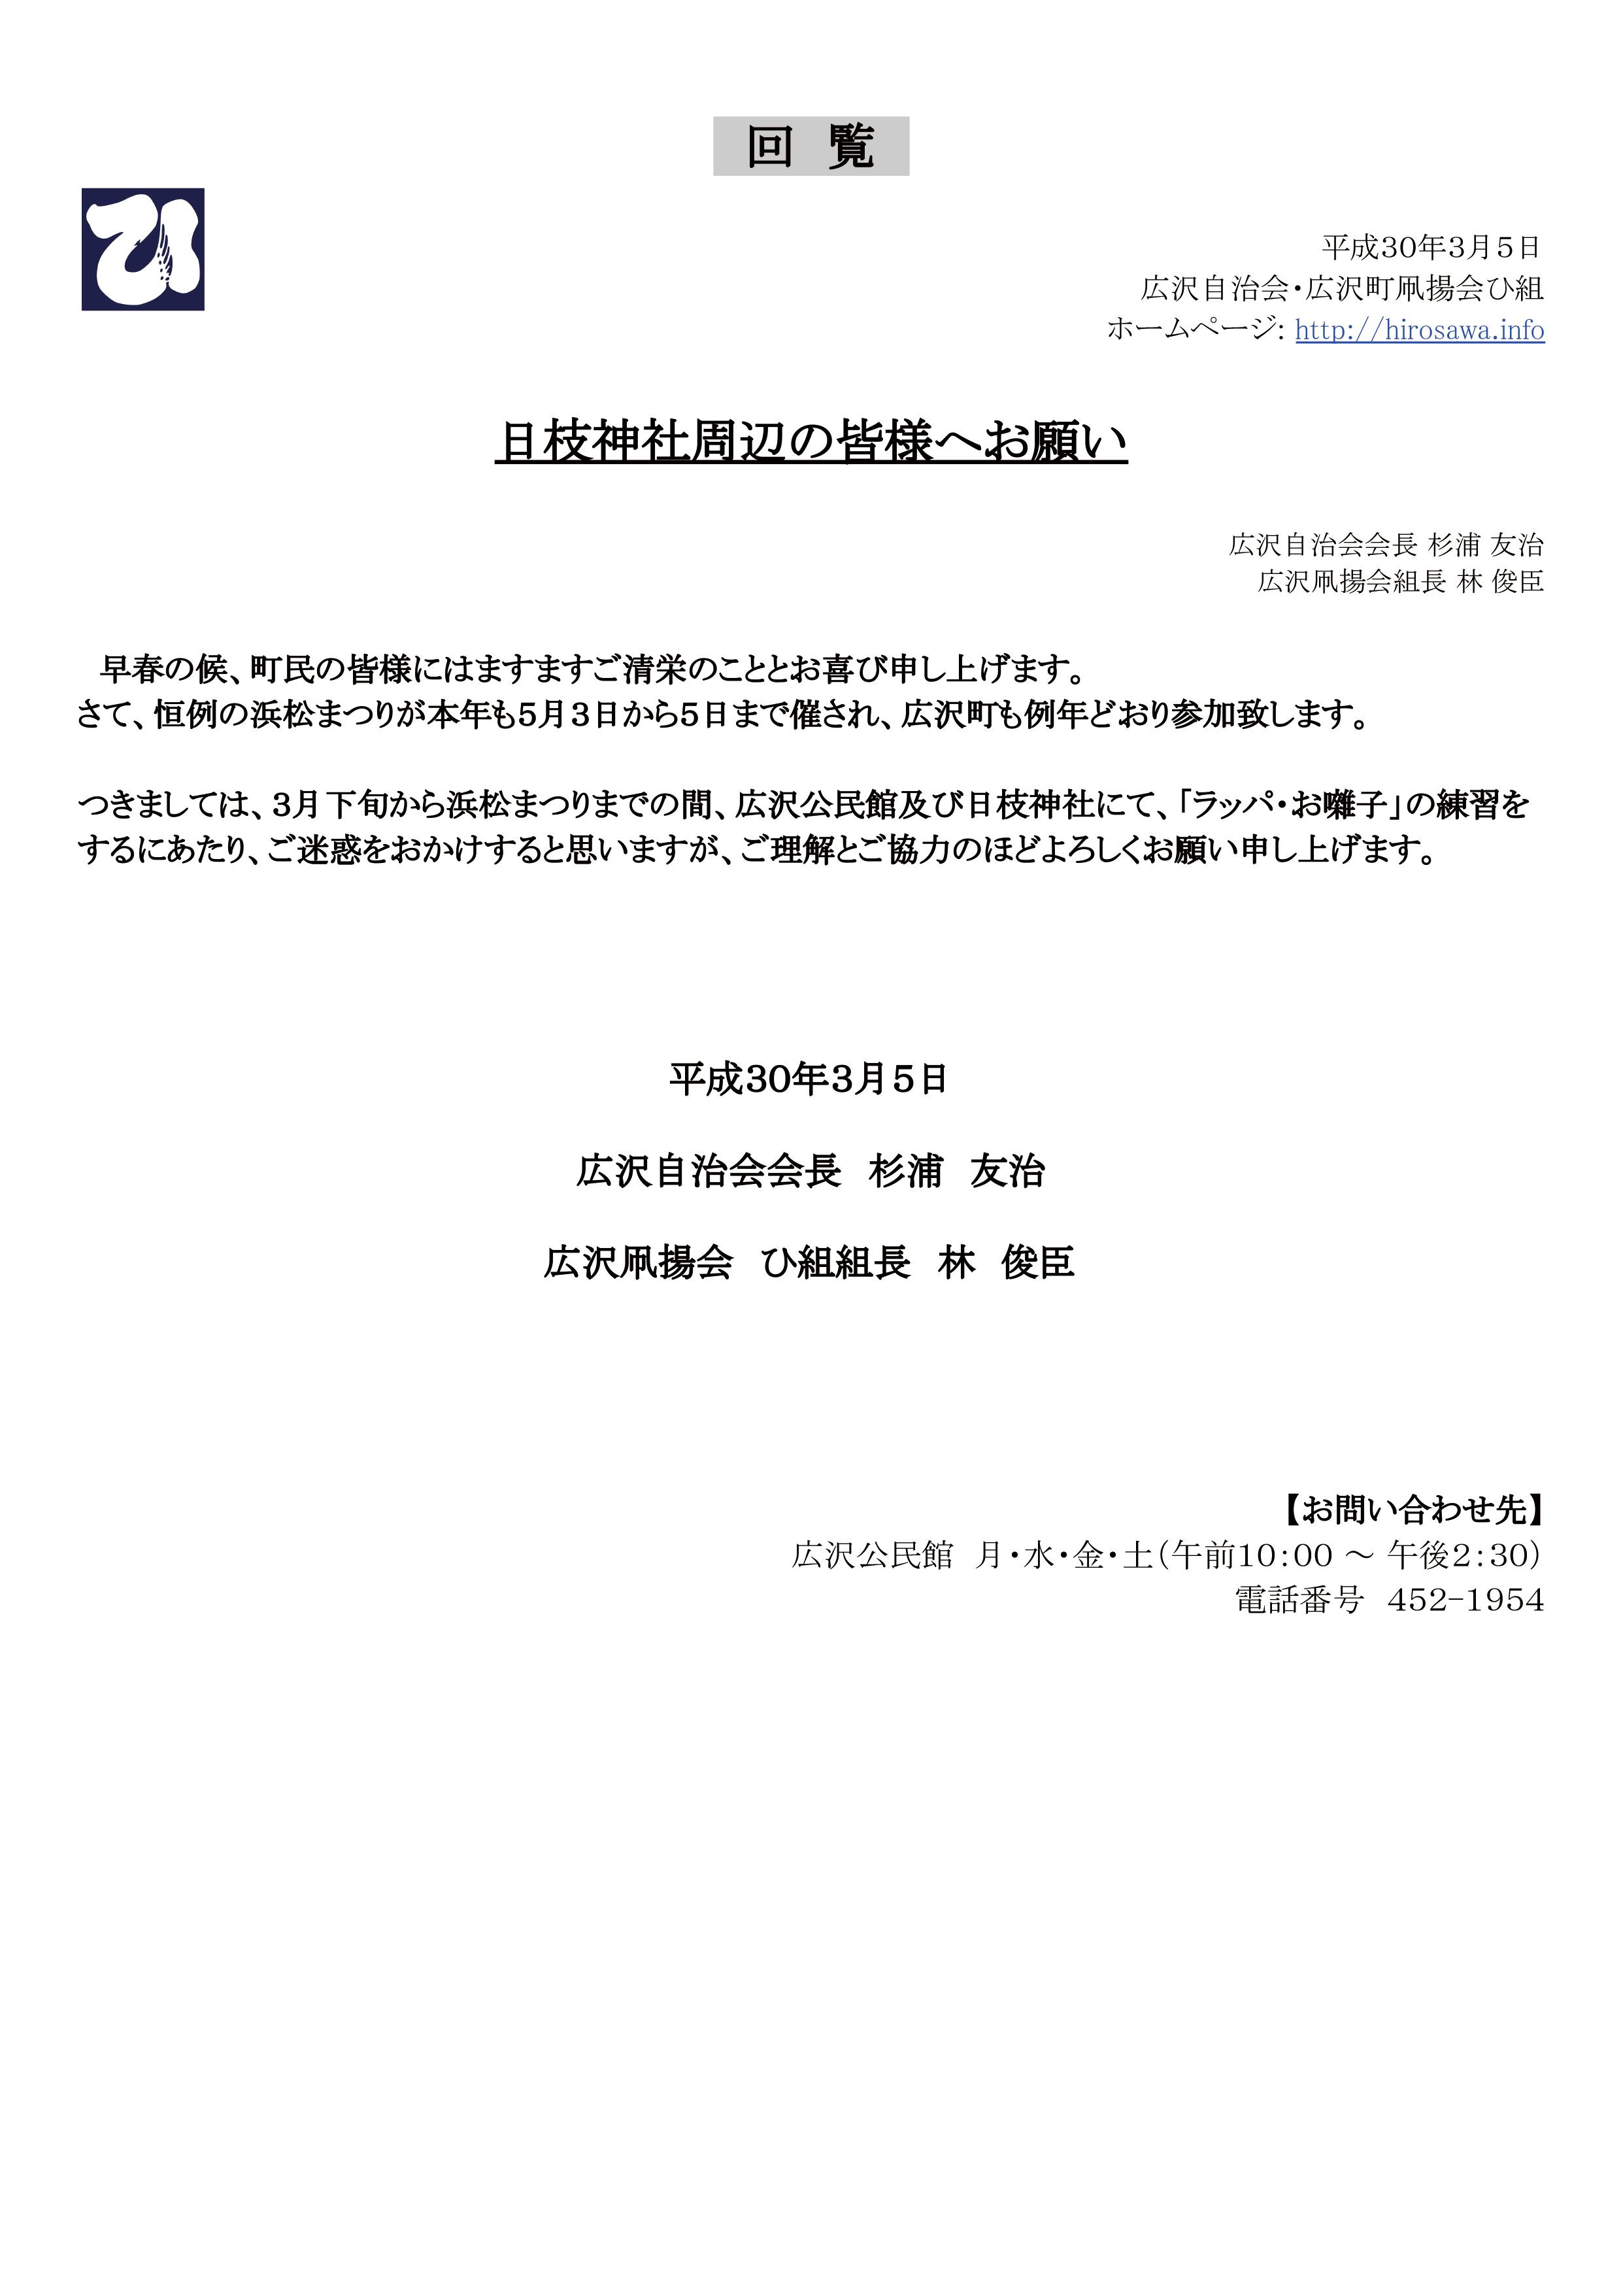 【回覧資料 平成30年3月5日】日枝神社周辺の皆様へお願い、おはやし連募集について